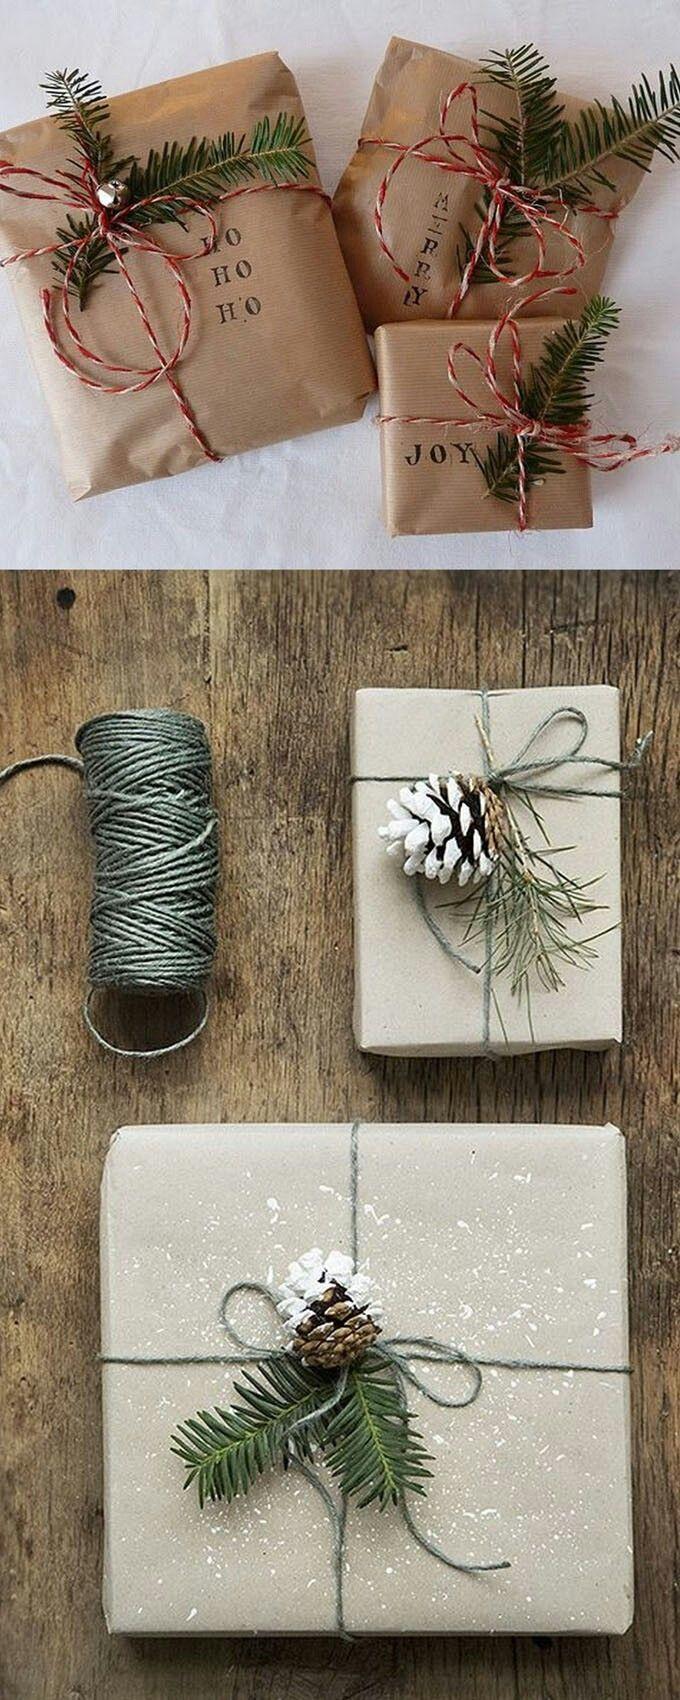 Rustic christmas gifts to make